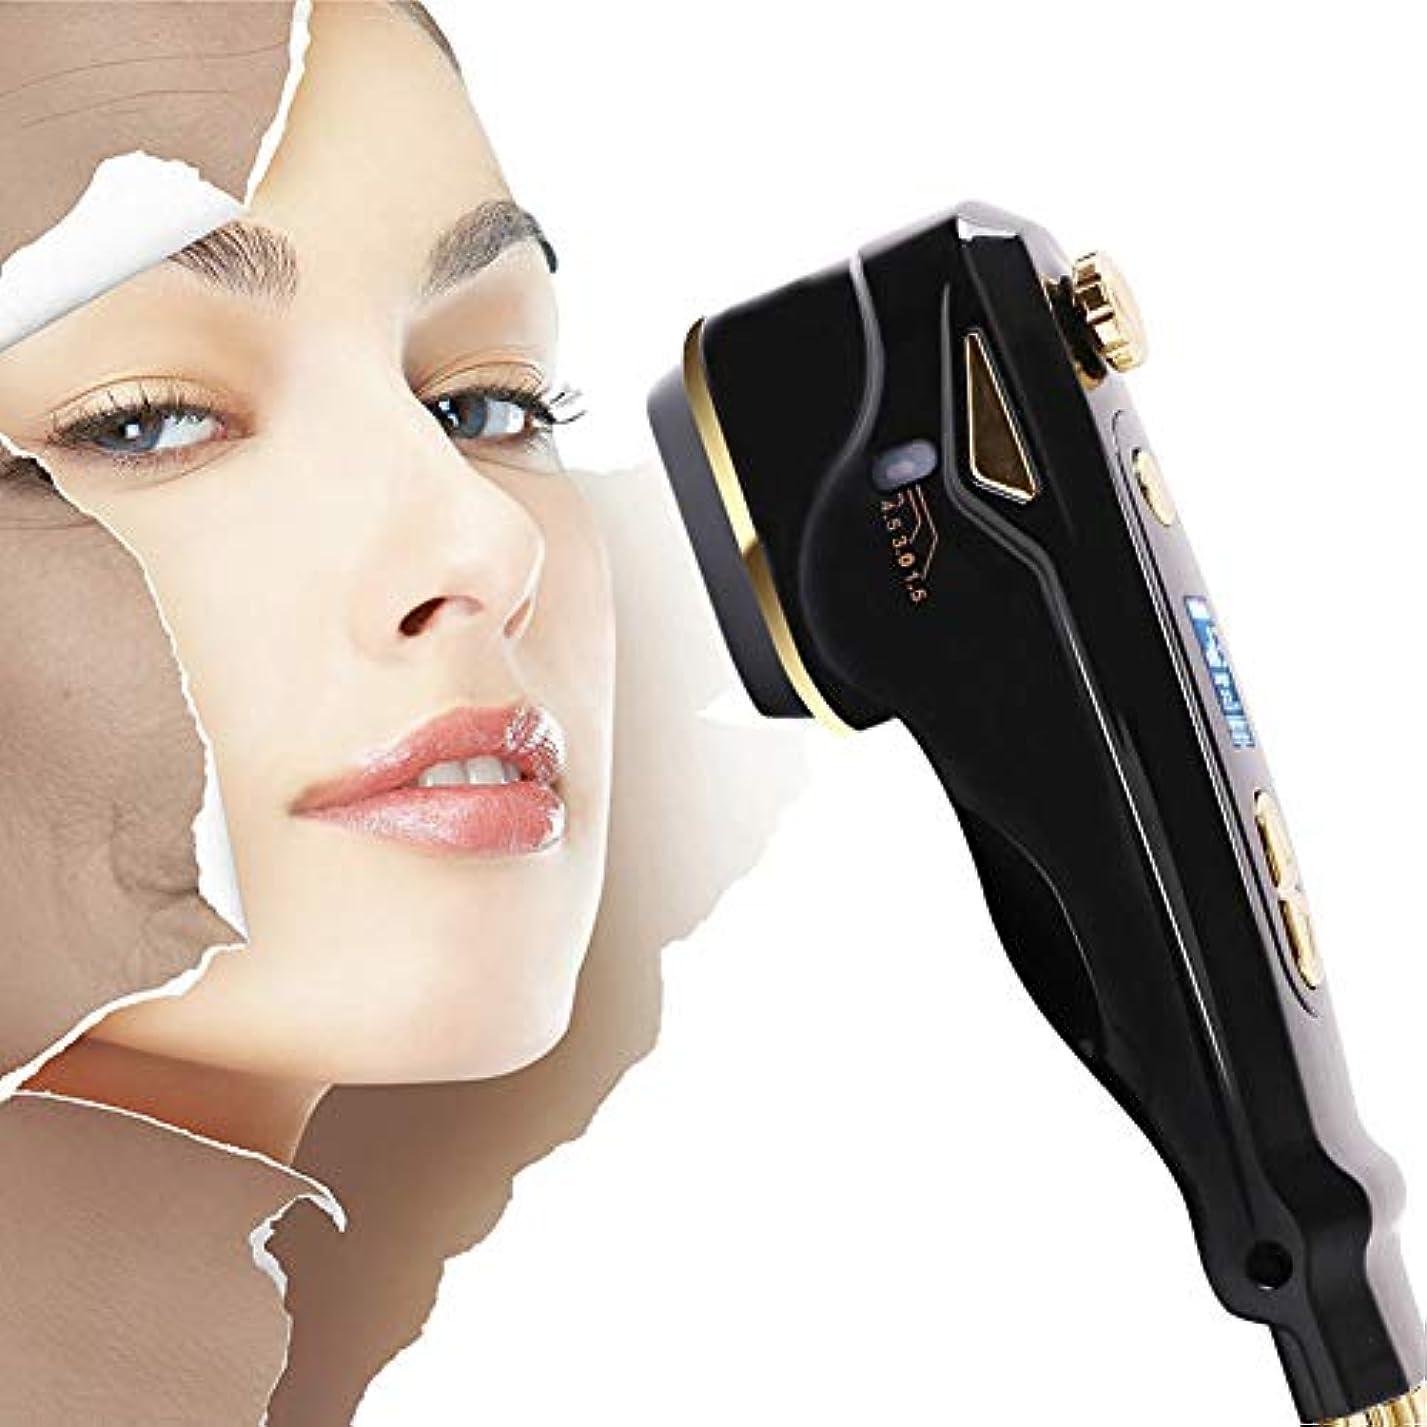 ルームメタリック怒るミニ 1の3 HIFU アンチエイジング 改築 デバイス、 世帯 RF フェイシャル 美しさ 機械 へ 家庭での使用 肌の若返り、 首 しわの除去、 ホワイトニング、 肌の引き締め デバイス